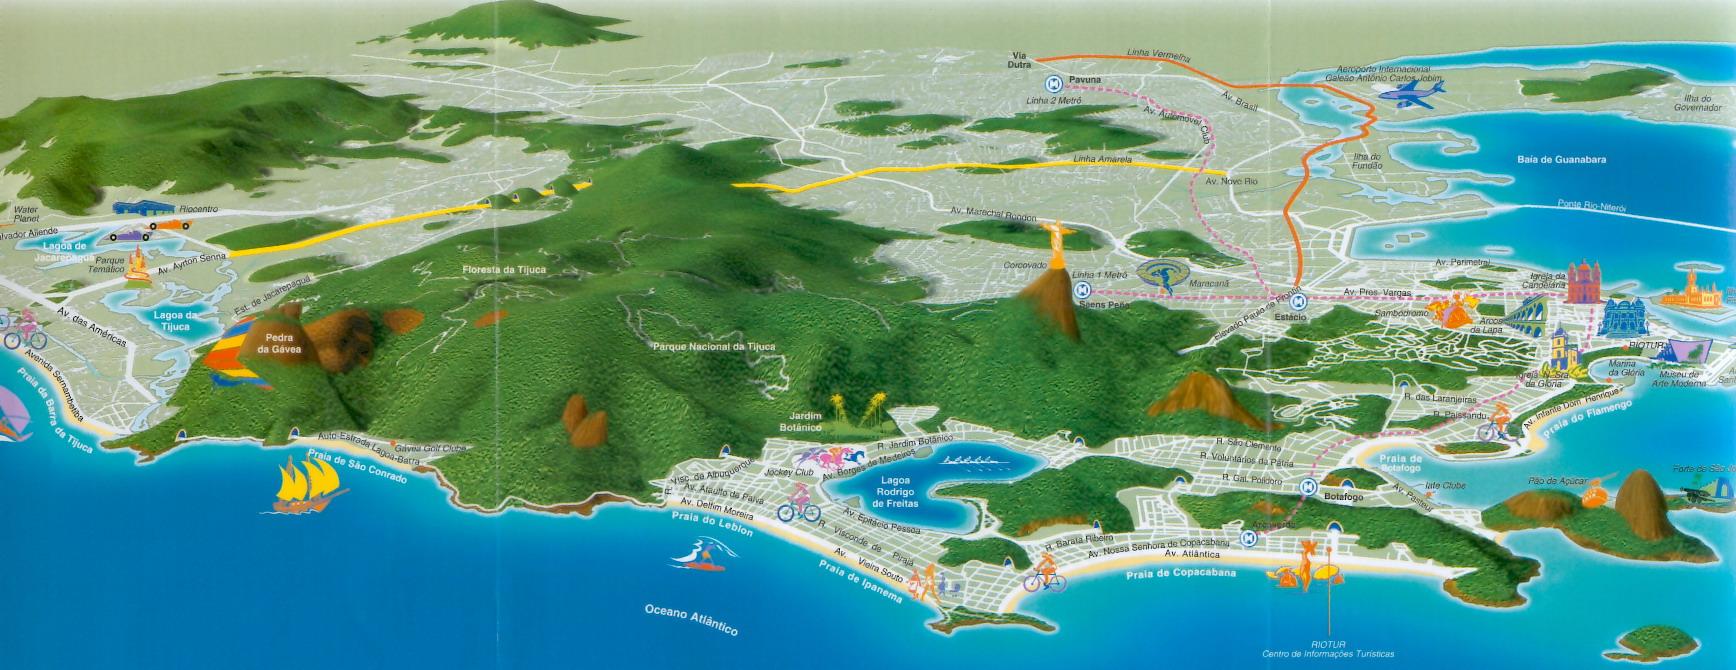 Maps of Rio de Janeiro city and state BoLeRio.com